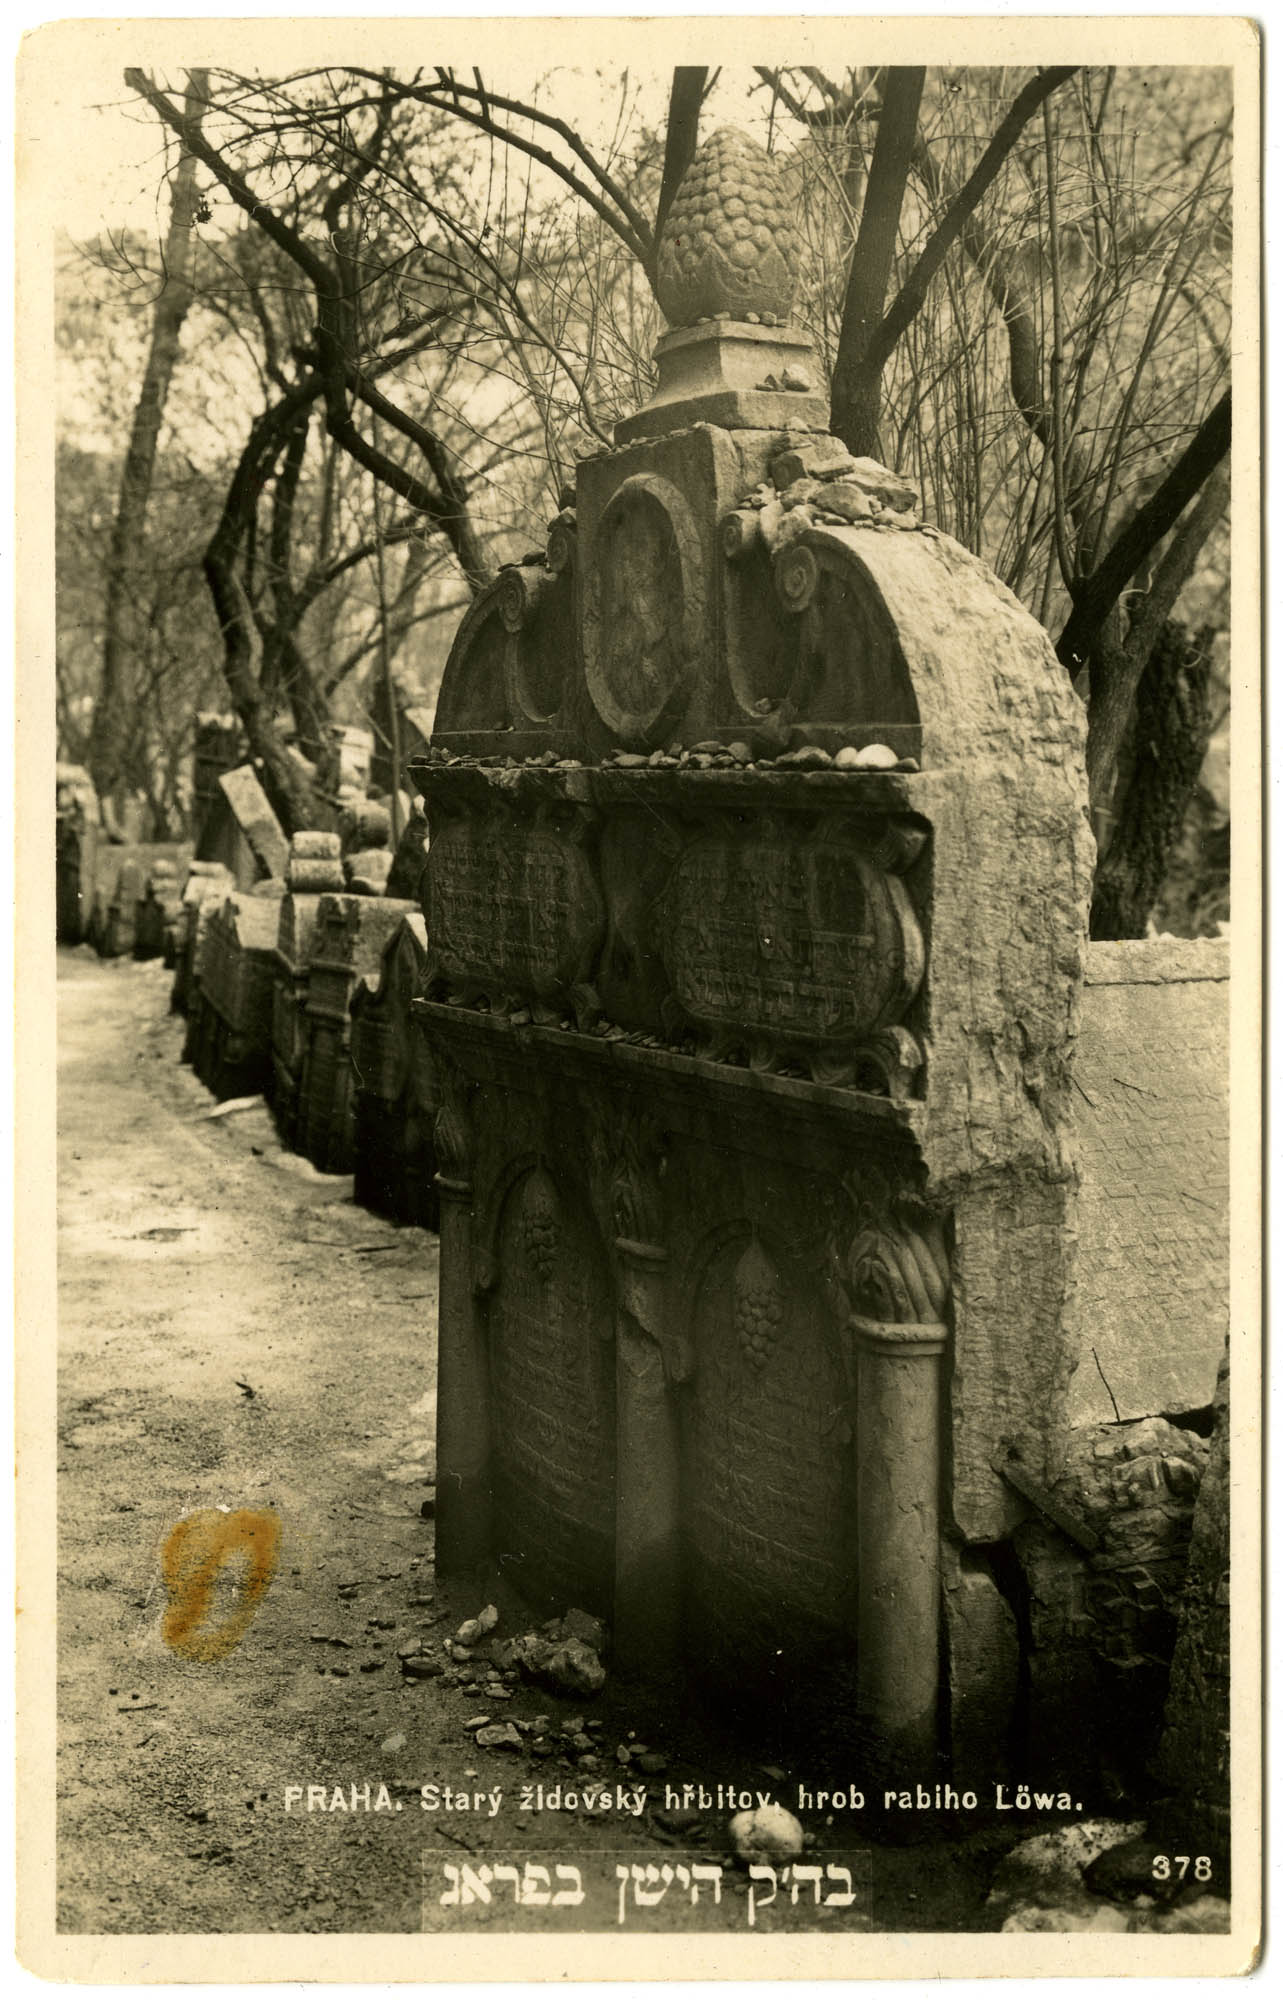 Praha. Starý židovský hřbitov, hrob rabiho Löwa. / בה'ק הישן בפראג